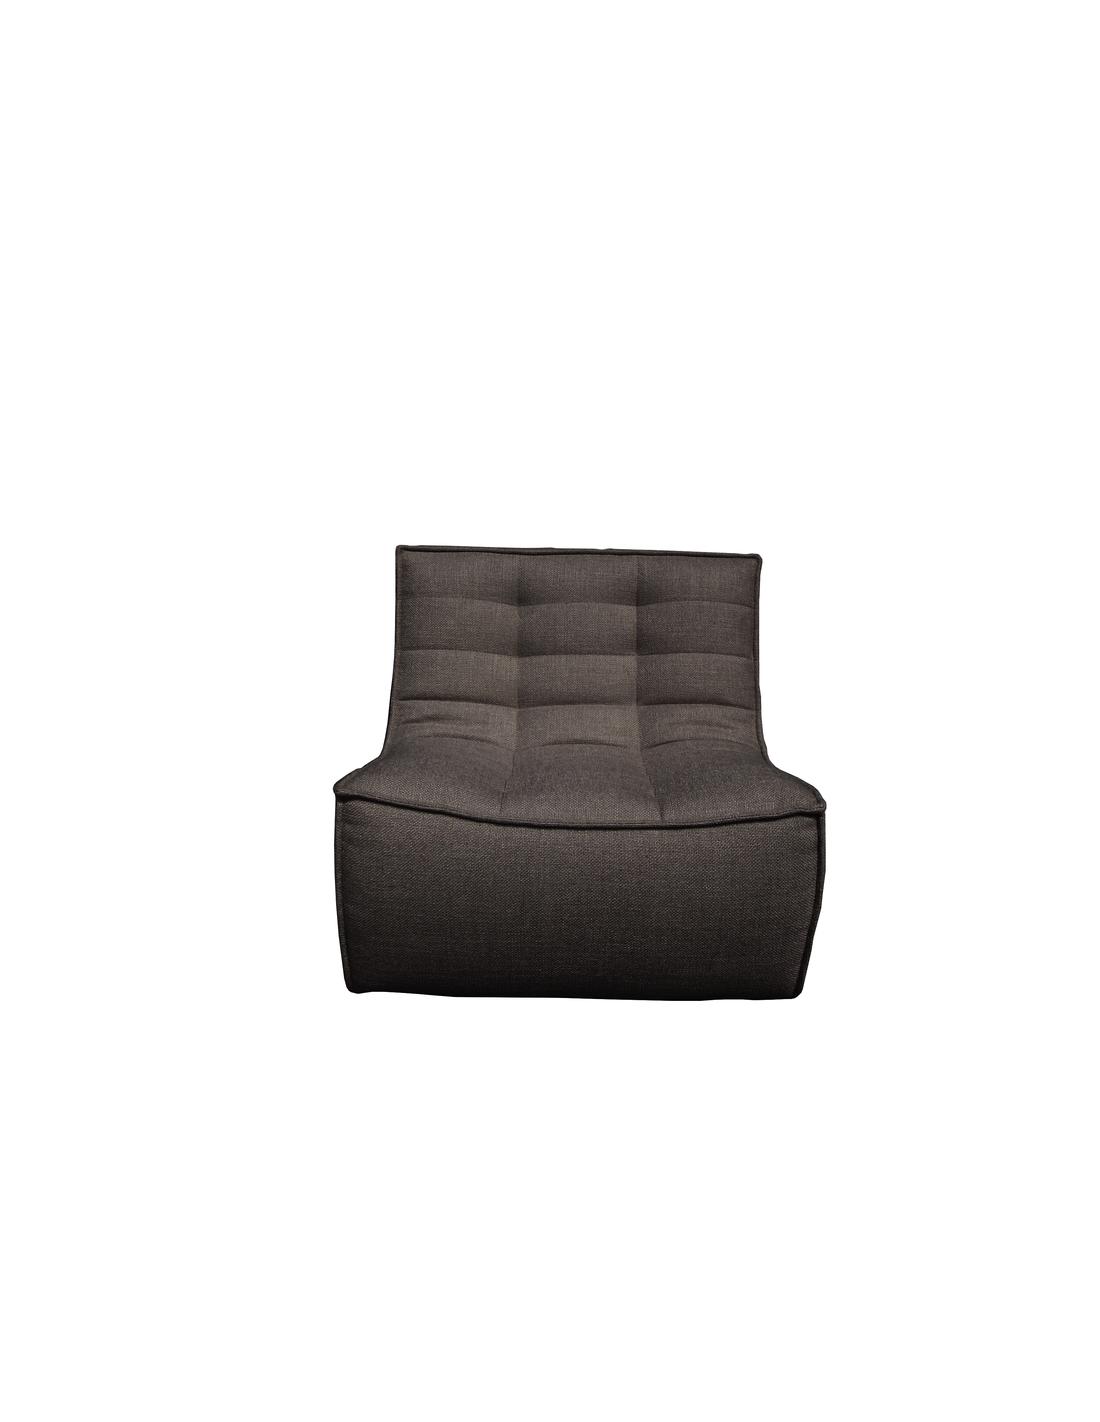 N701 canapé - 1 place - Gris foncé 80 x 91 x 76